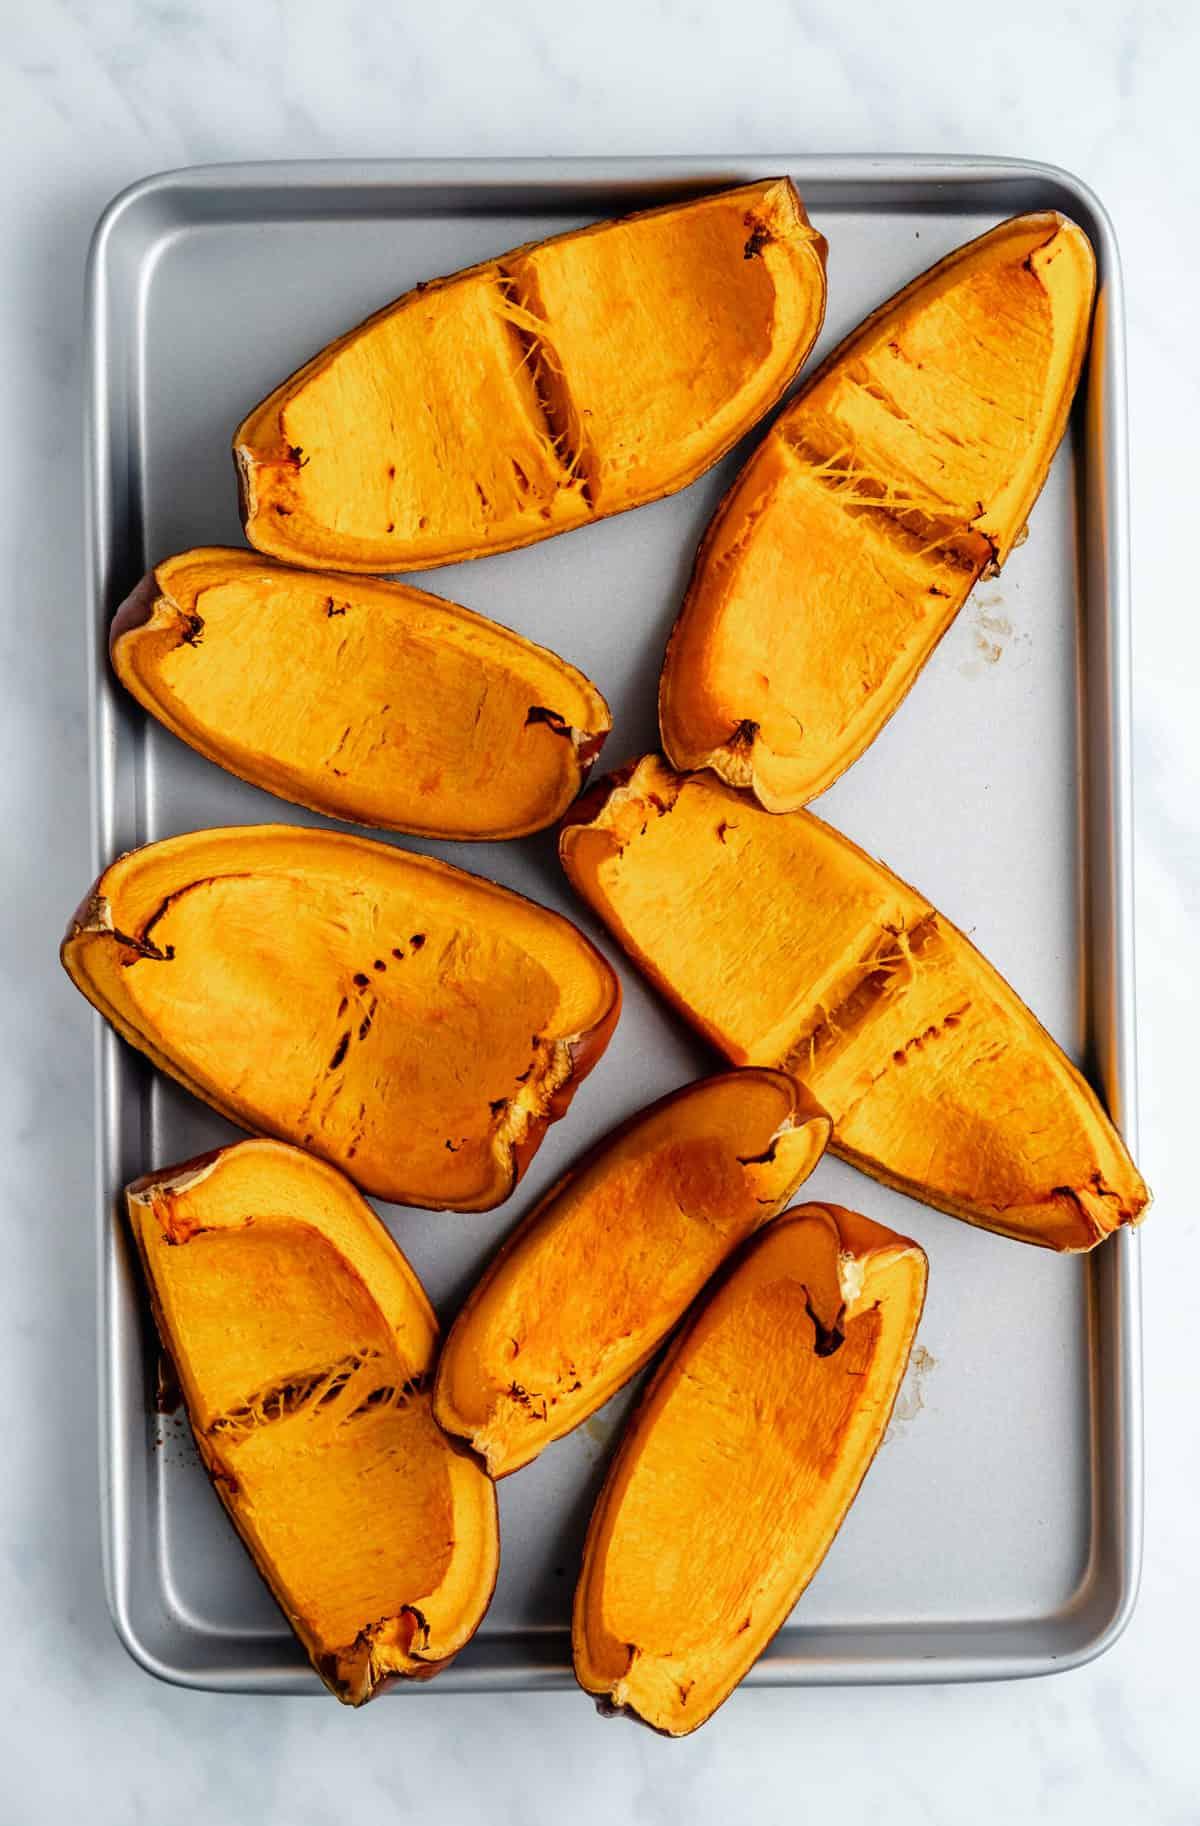 roasted pumpkin on a baking sheet